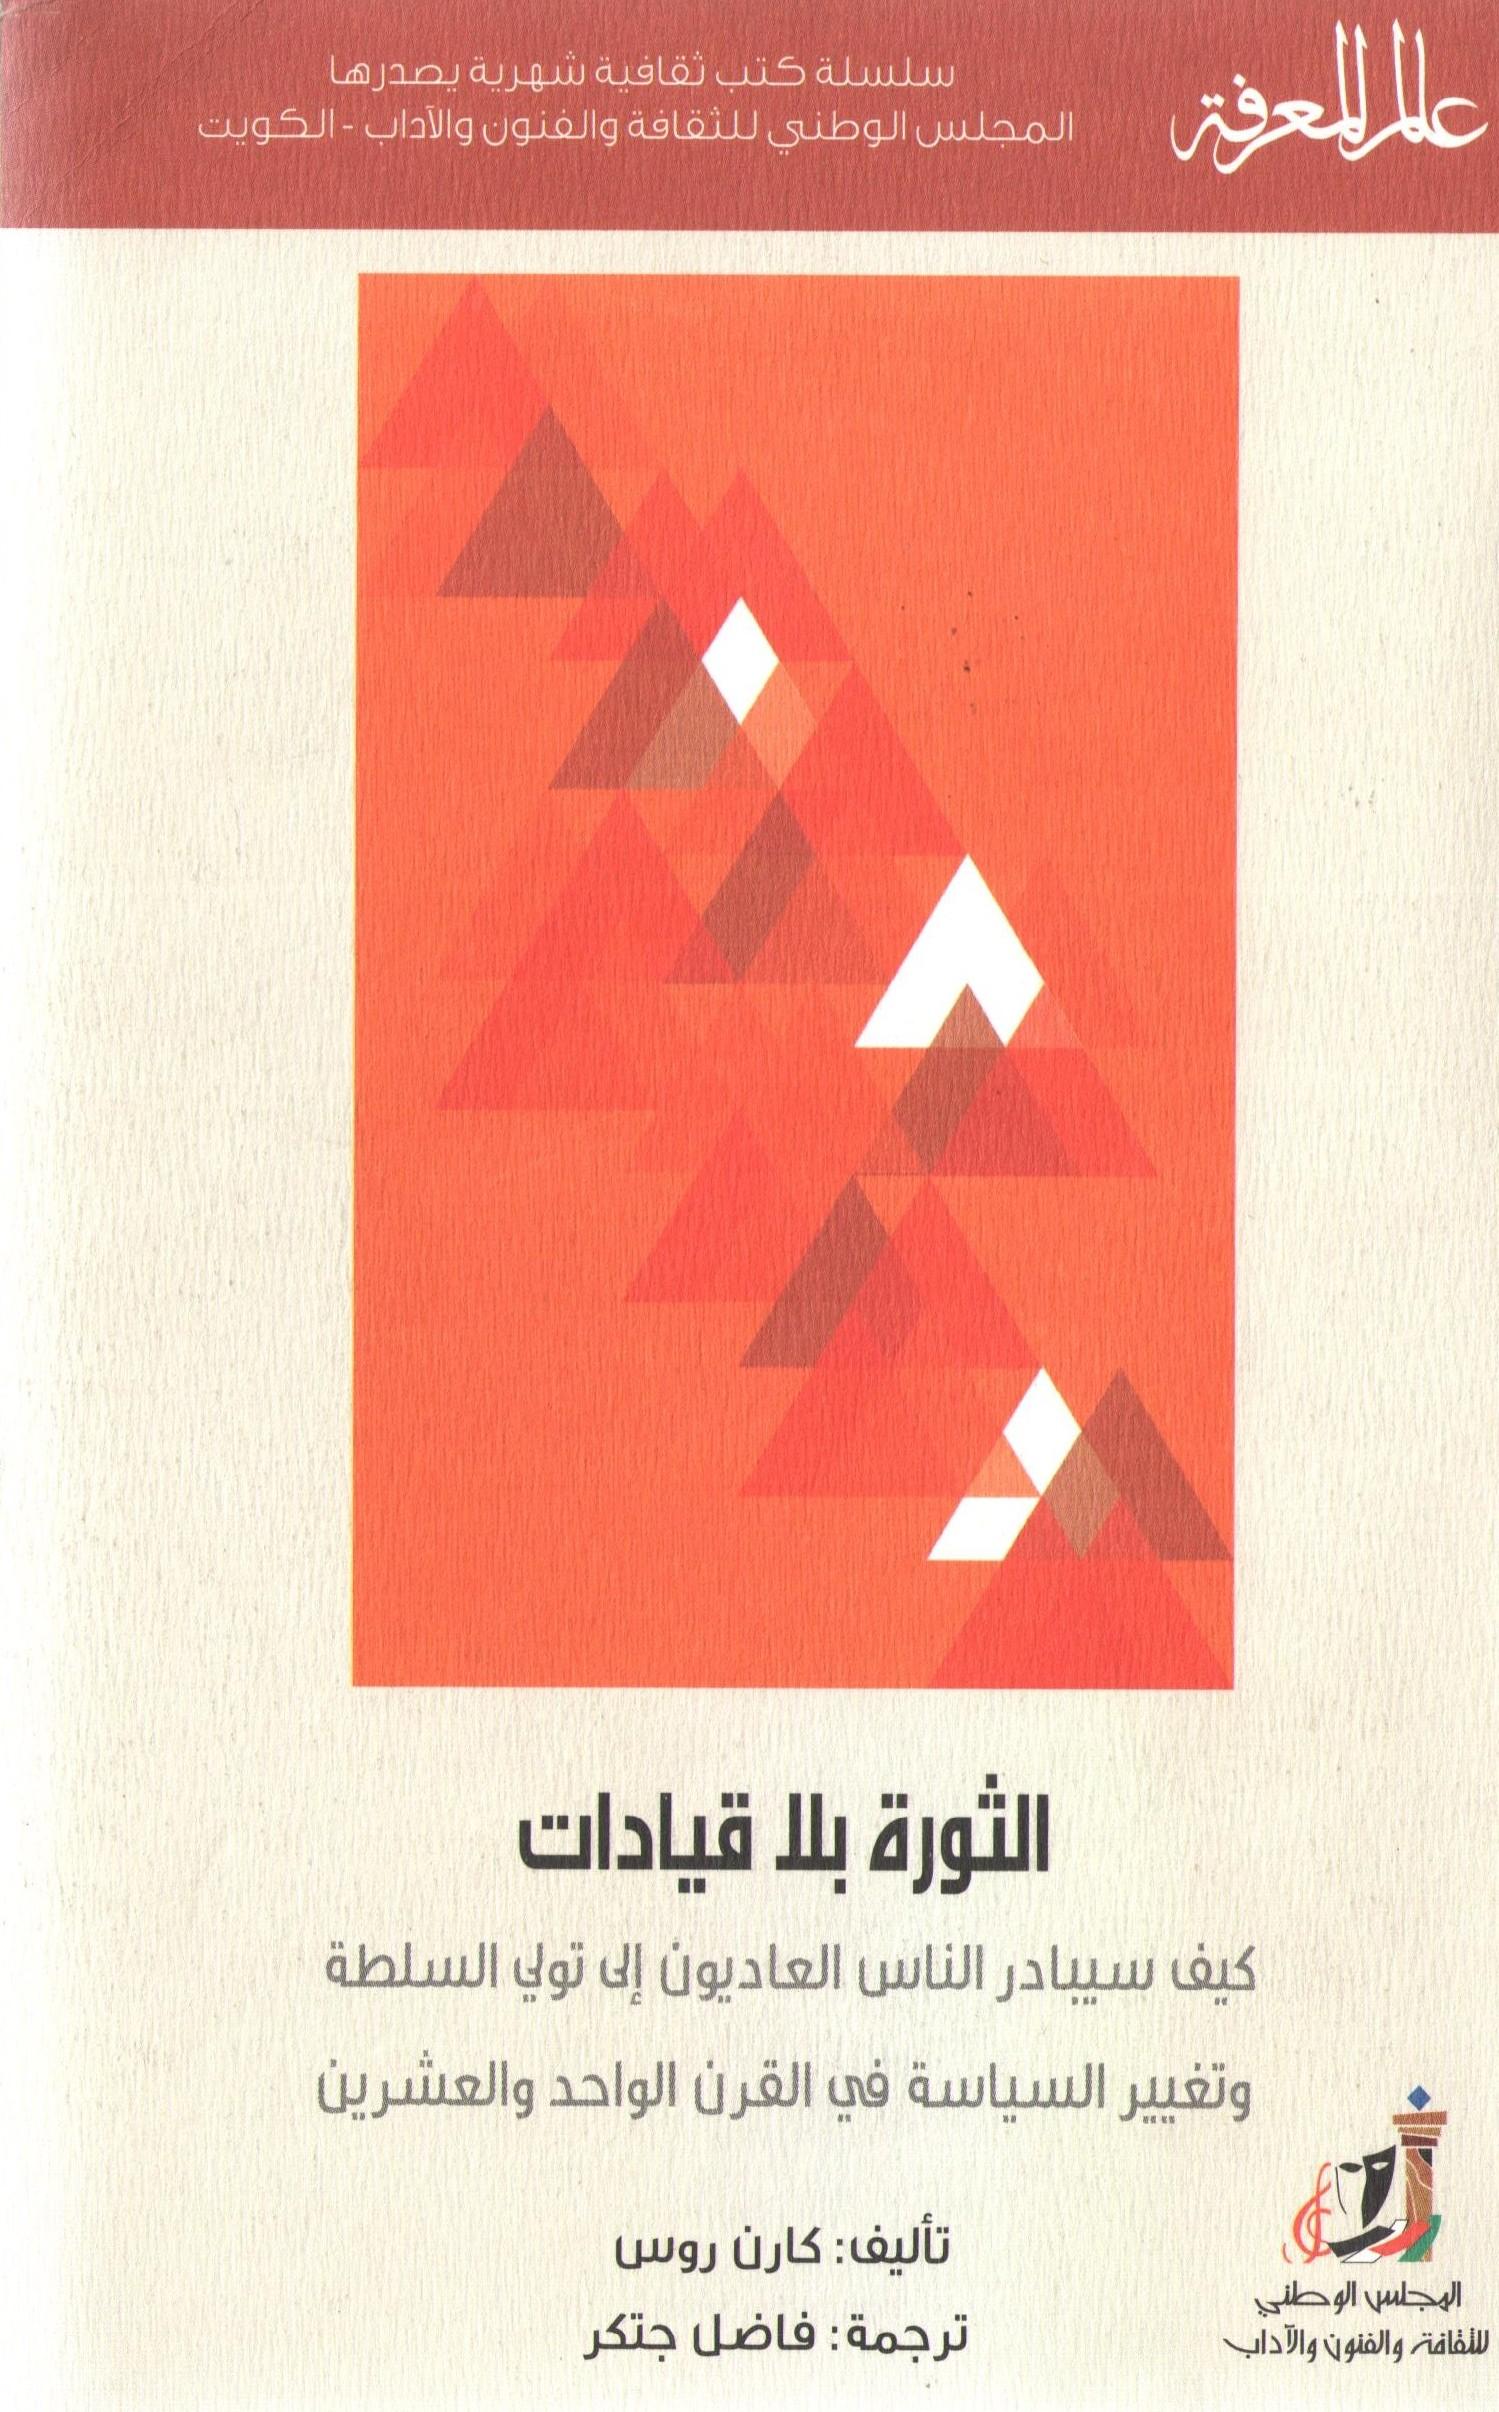 غلاف كتاب الثورة بلا قيادات